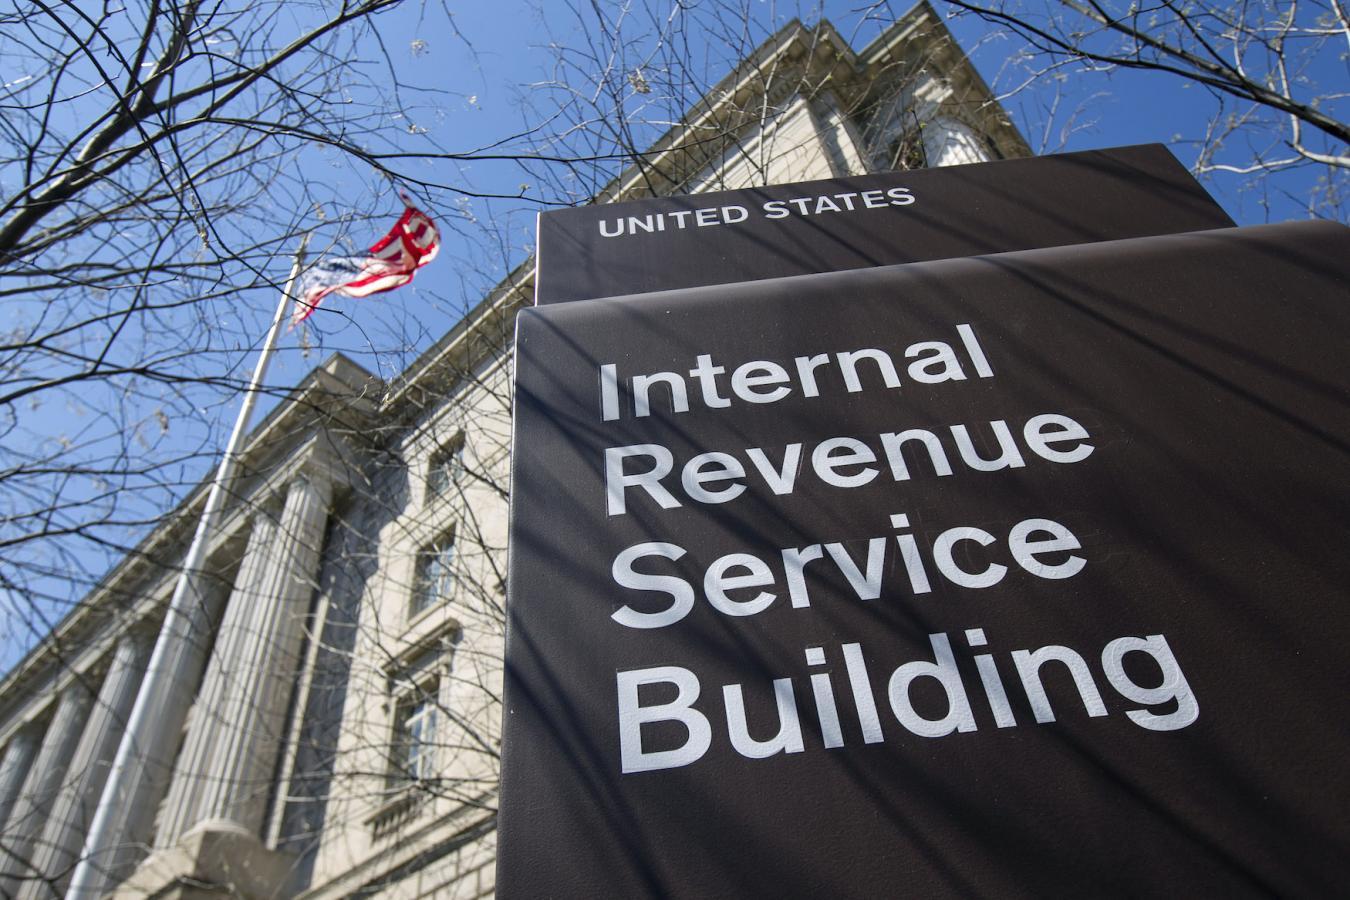 Report fiscale delle tasse da pagare per le Criptovalute Coinbase spiffera tutto IRS - Report fiscale delle tasse da pagare per le Criptovalute: Coinbase spiffera tutto all'IRS?